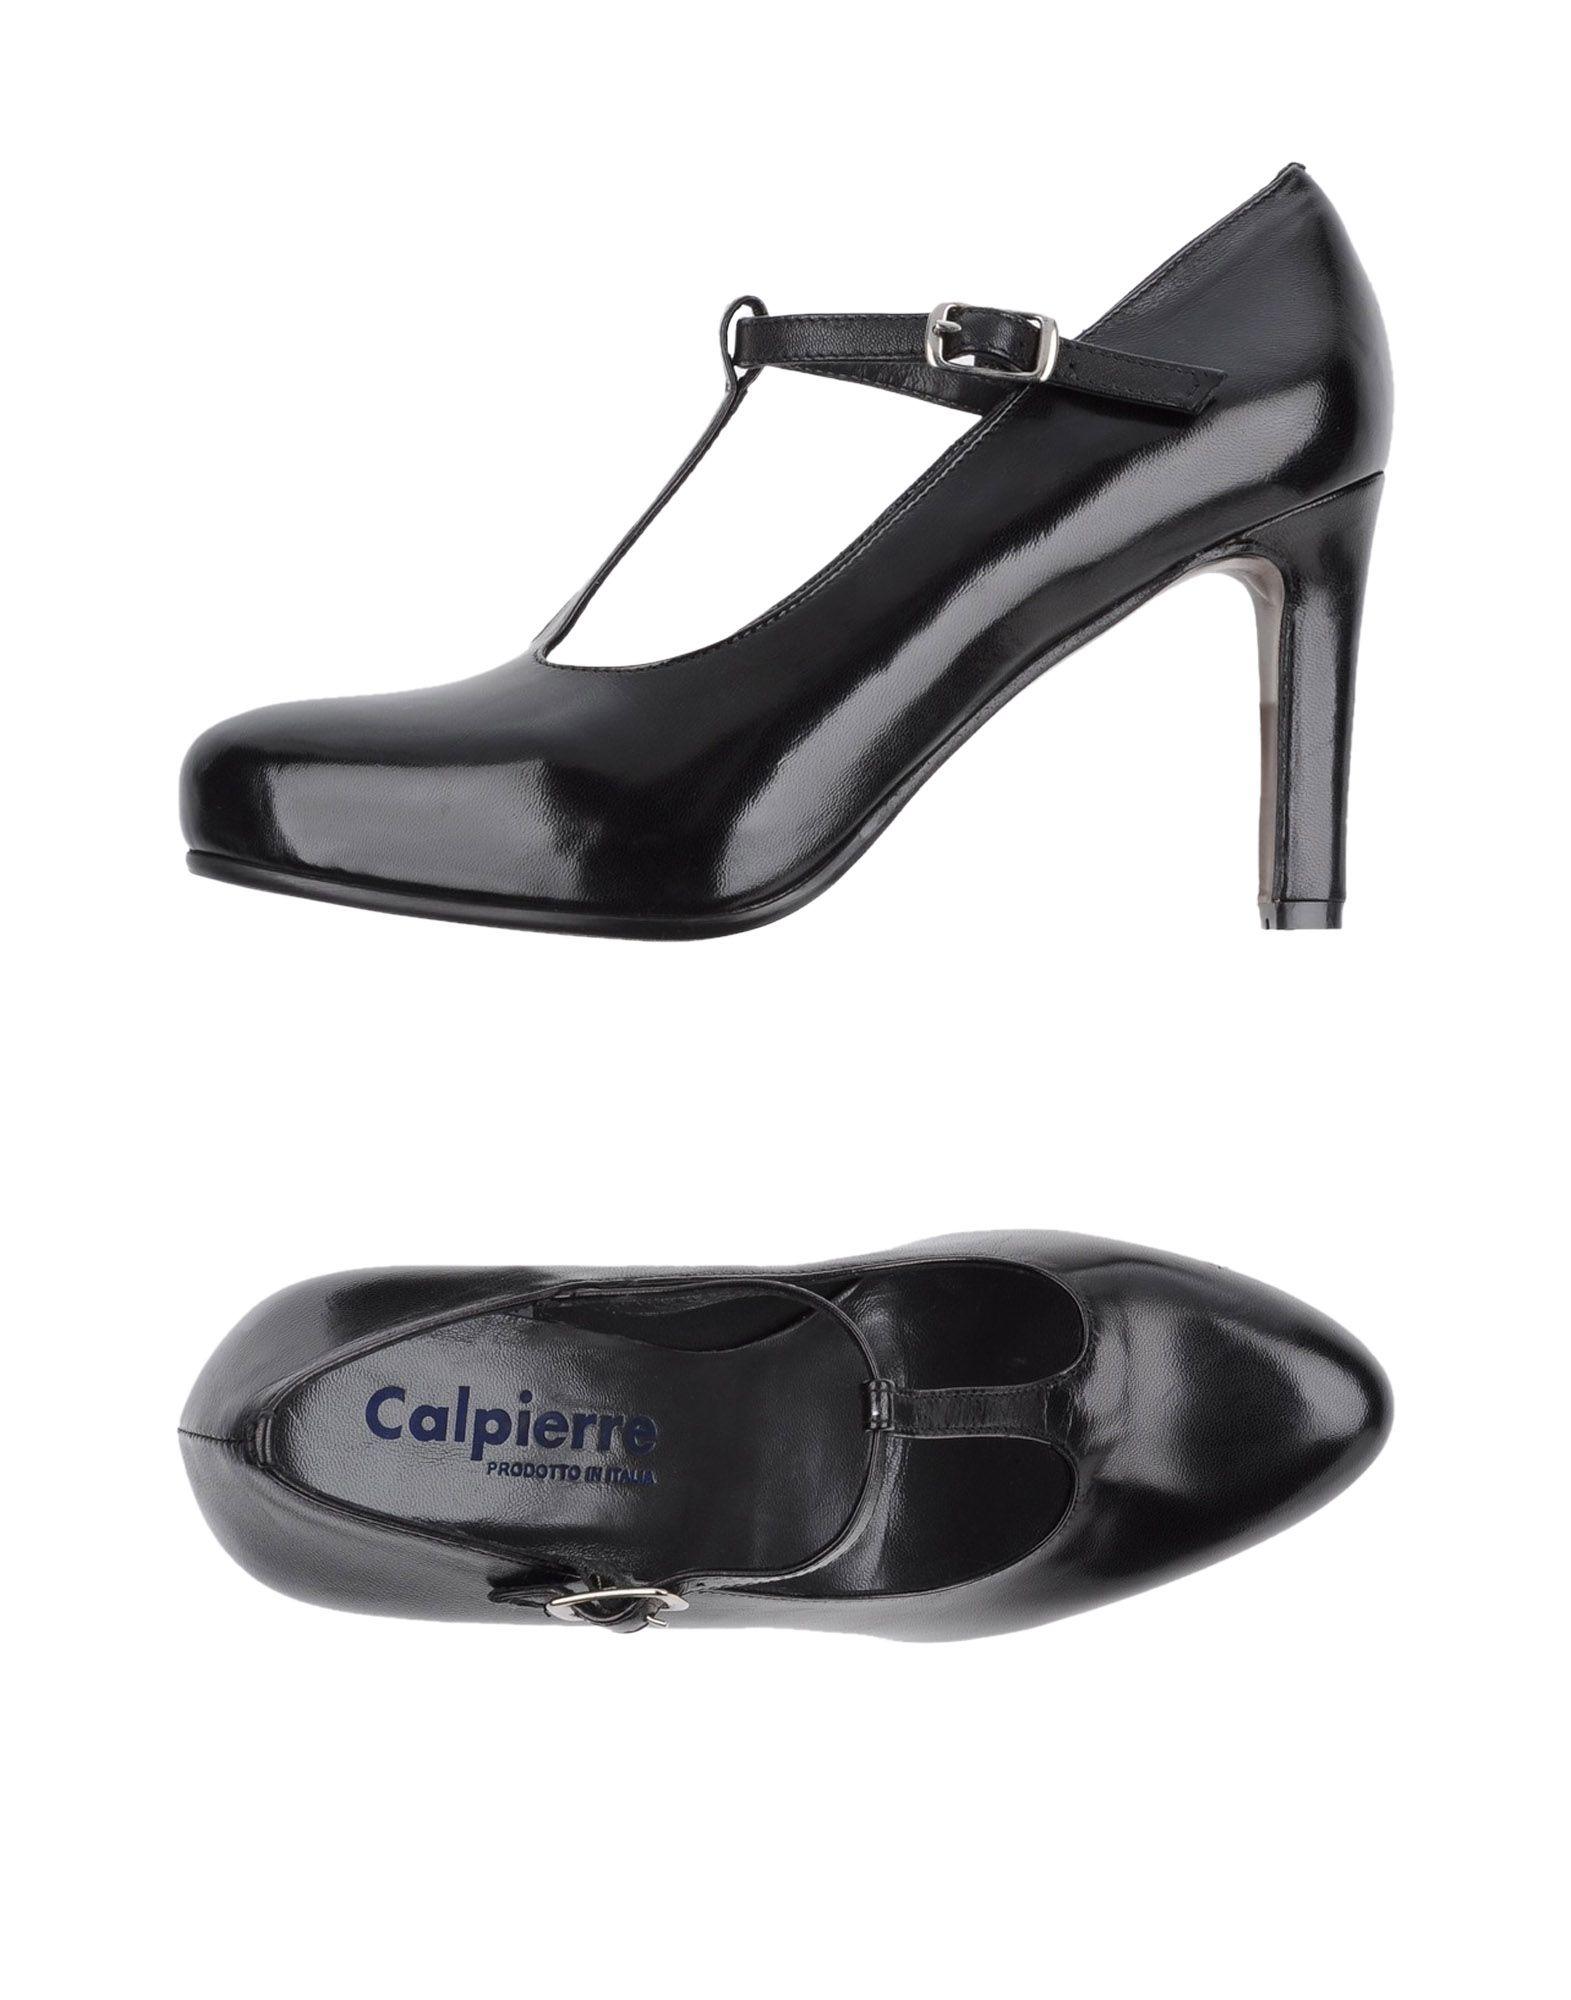 Calpierre Pumps Damen Gutes Preis-Leistungs-Verhältnis, es lohnt lohnt es sich 8510d6